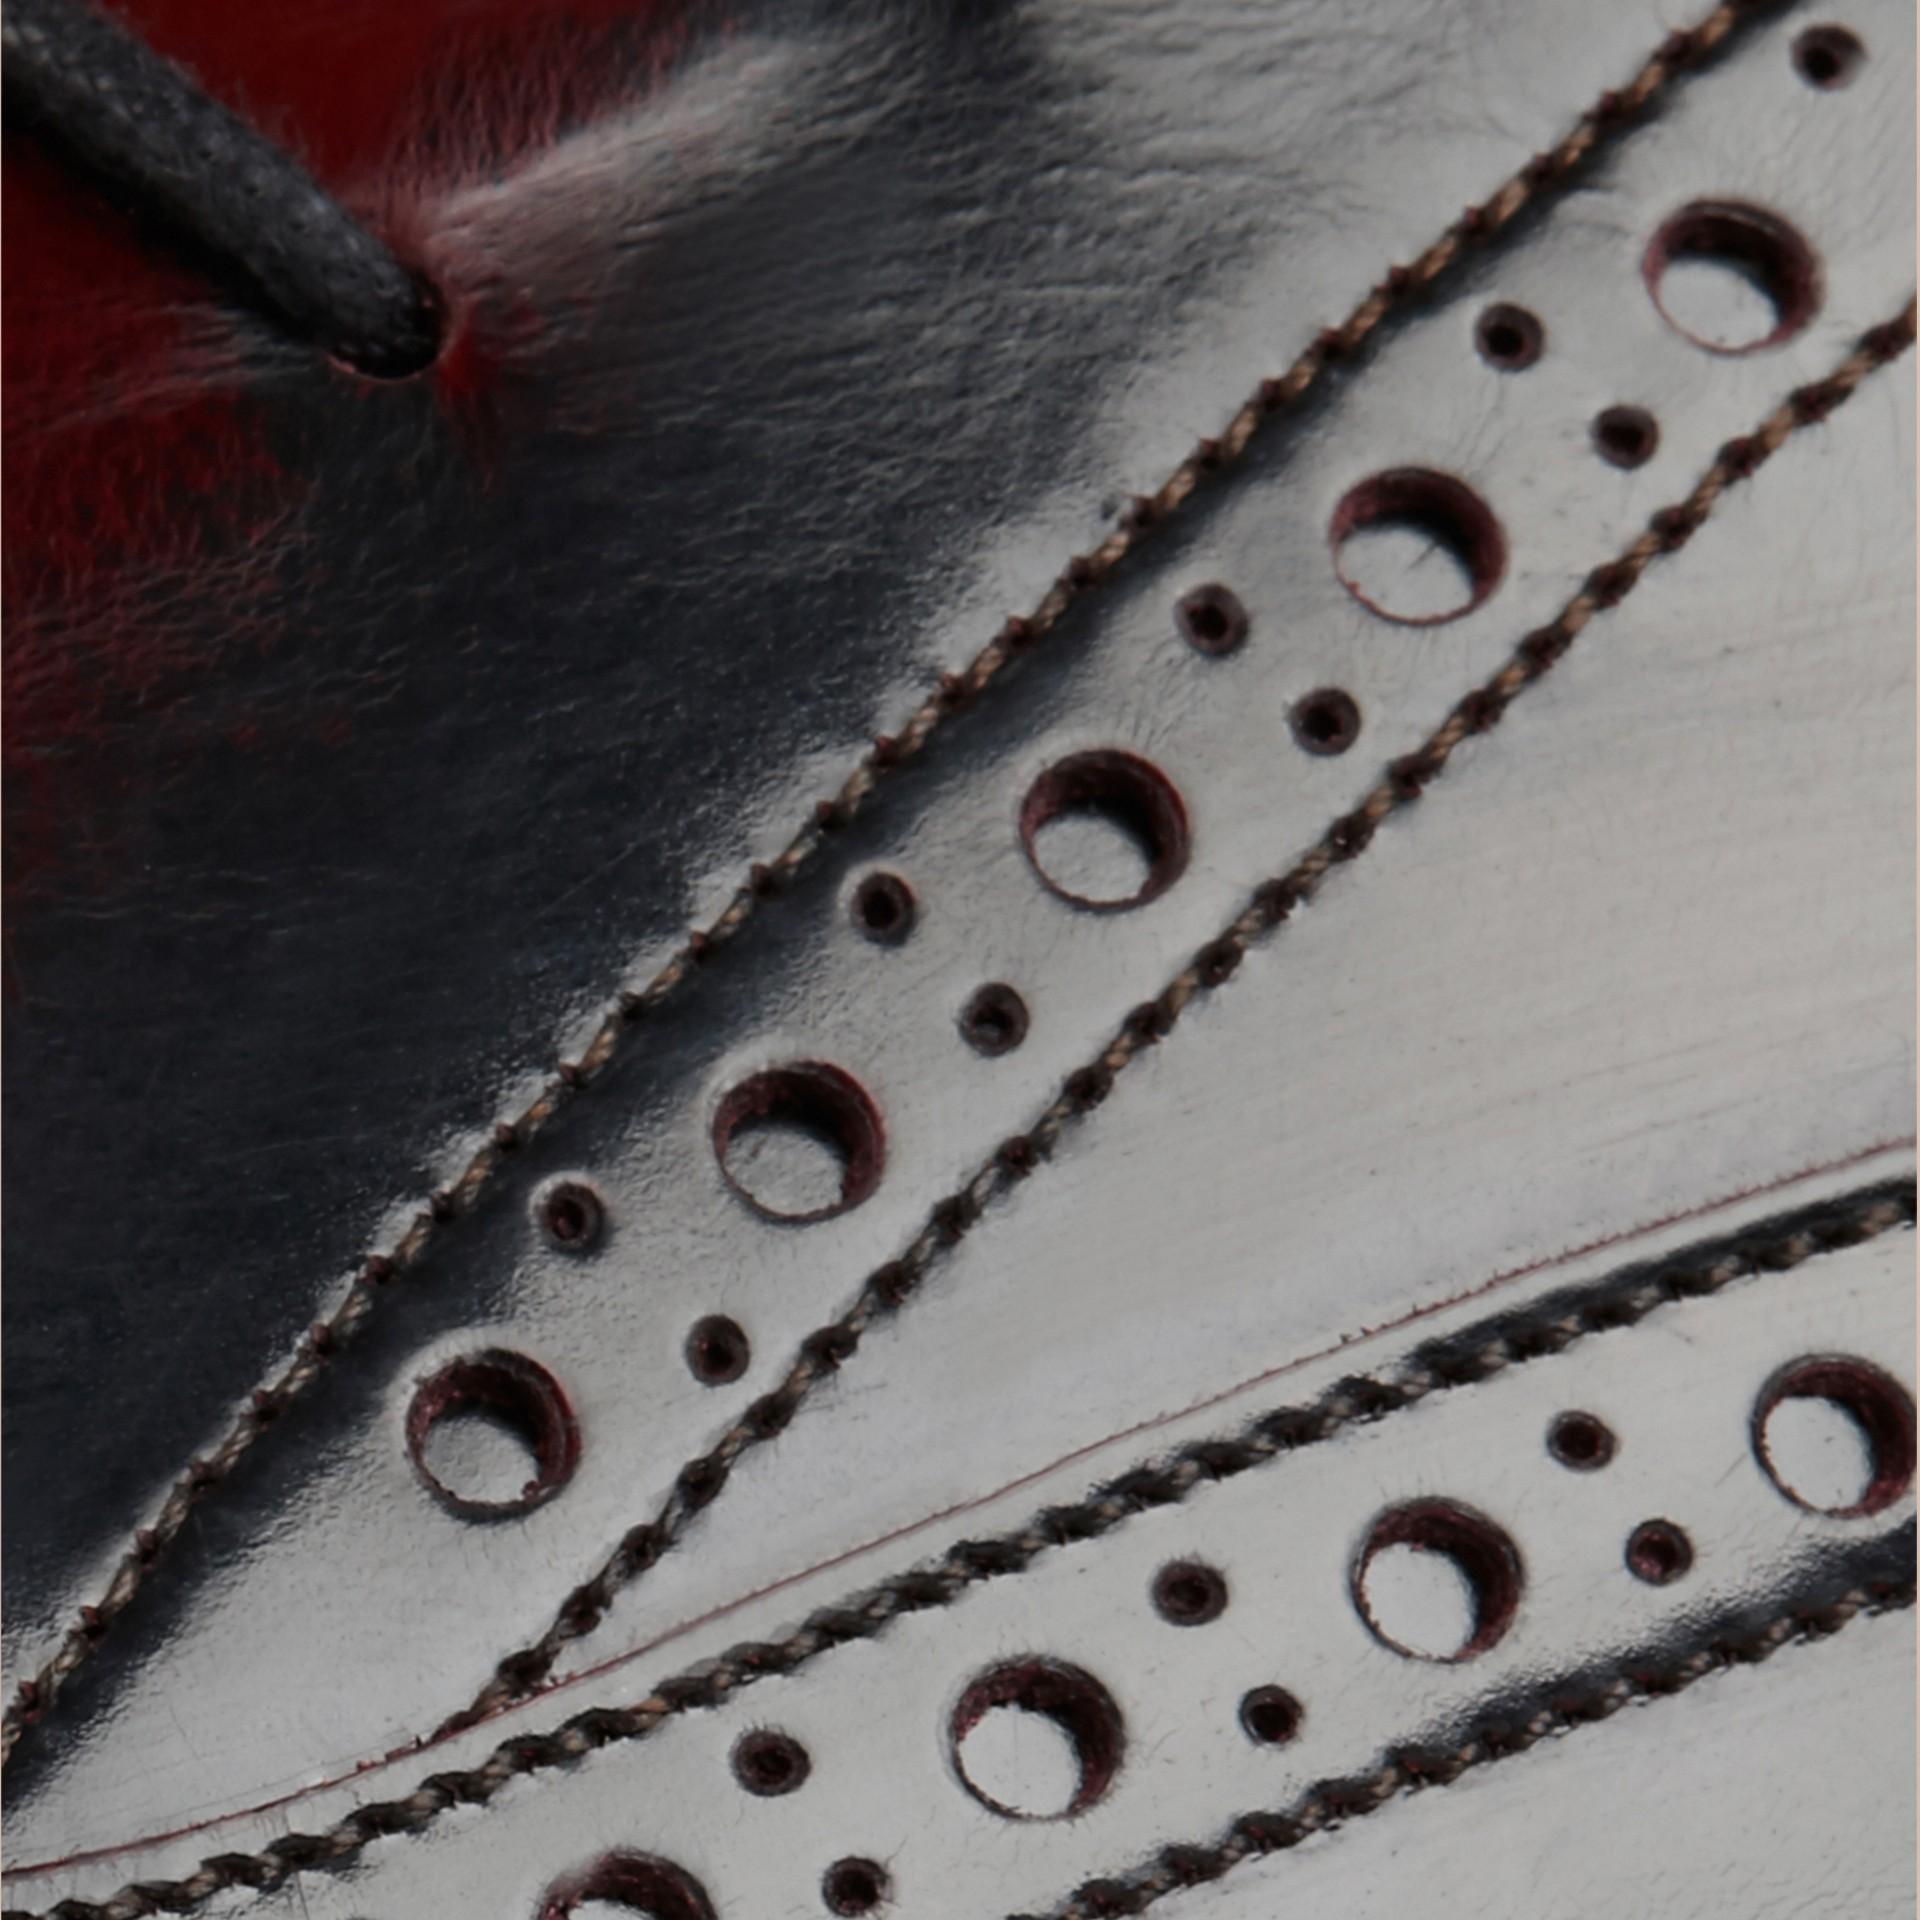 Бордо Кожаные броги с резиновой подошвой и W-образной деталью Бордо - изображение 2